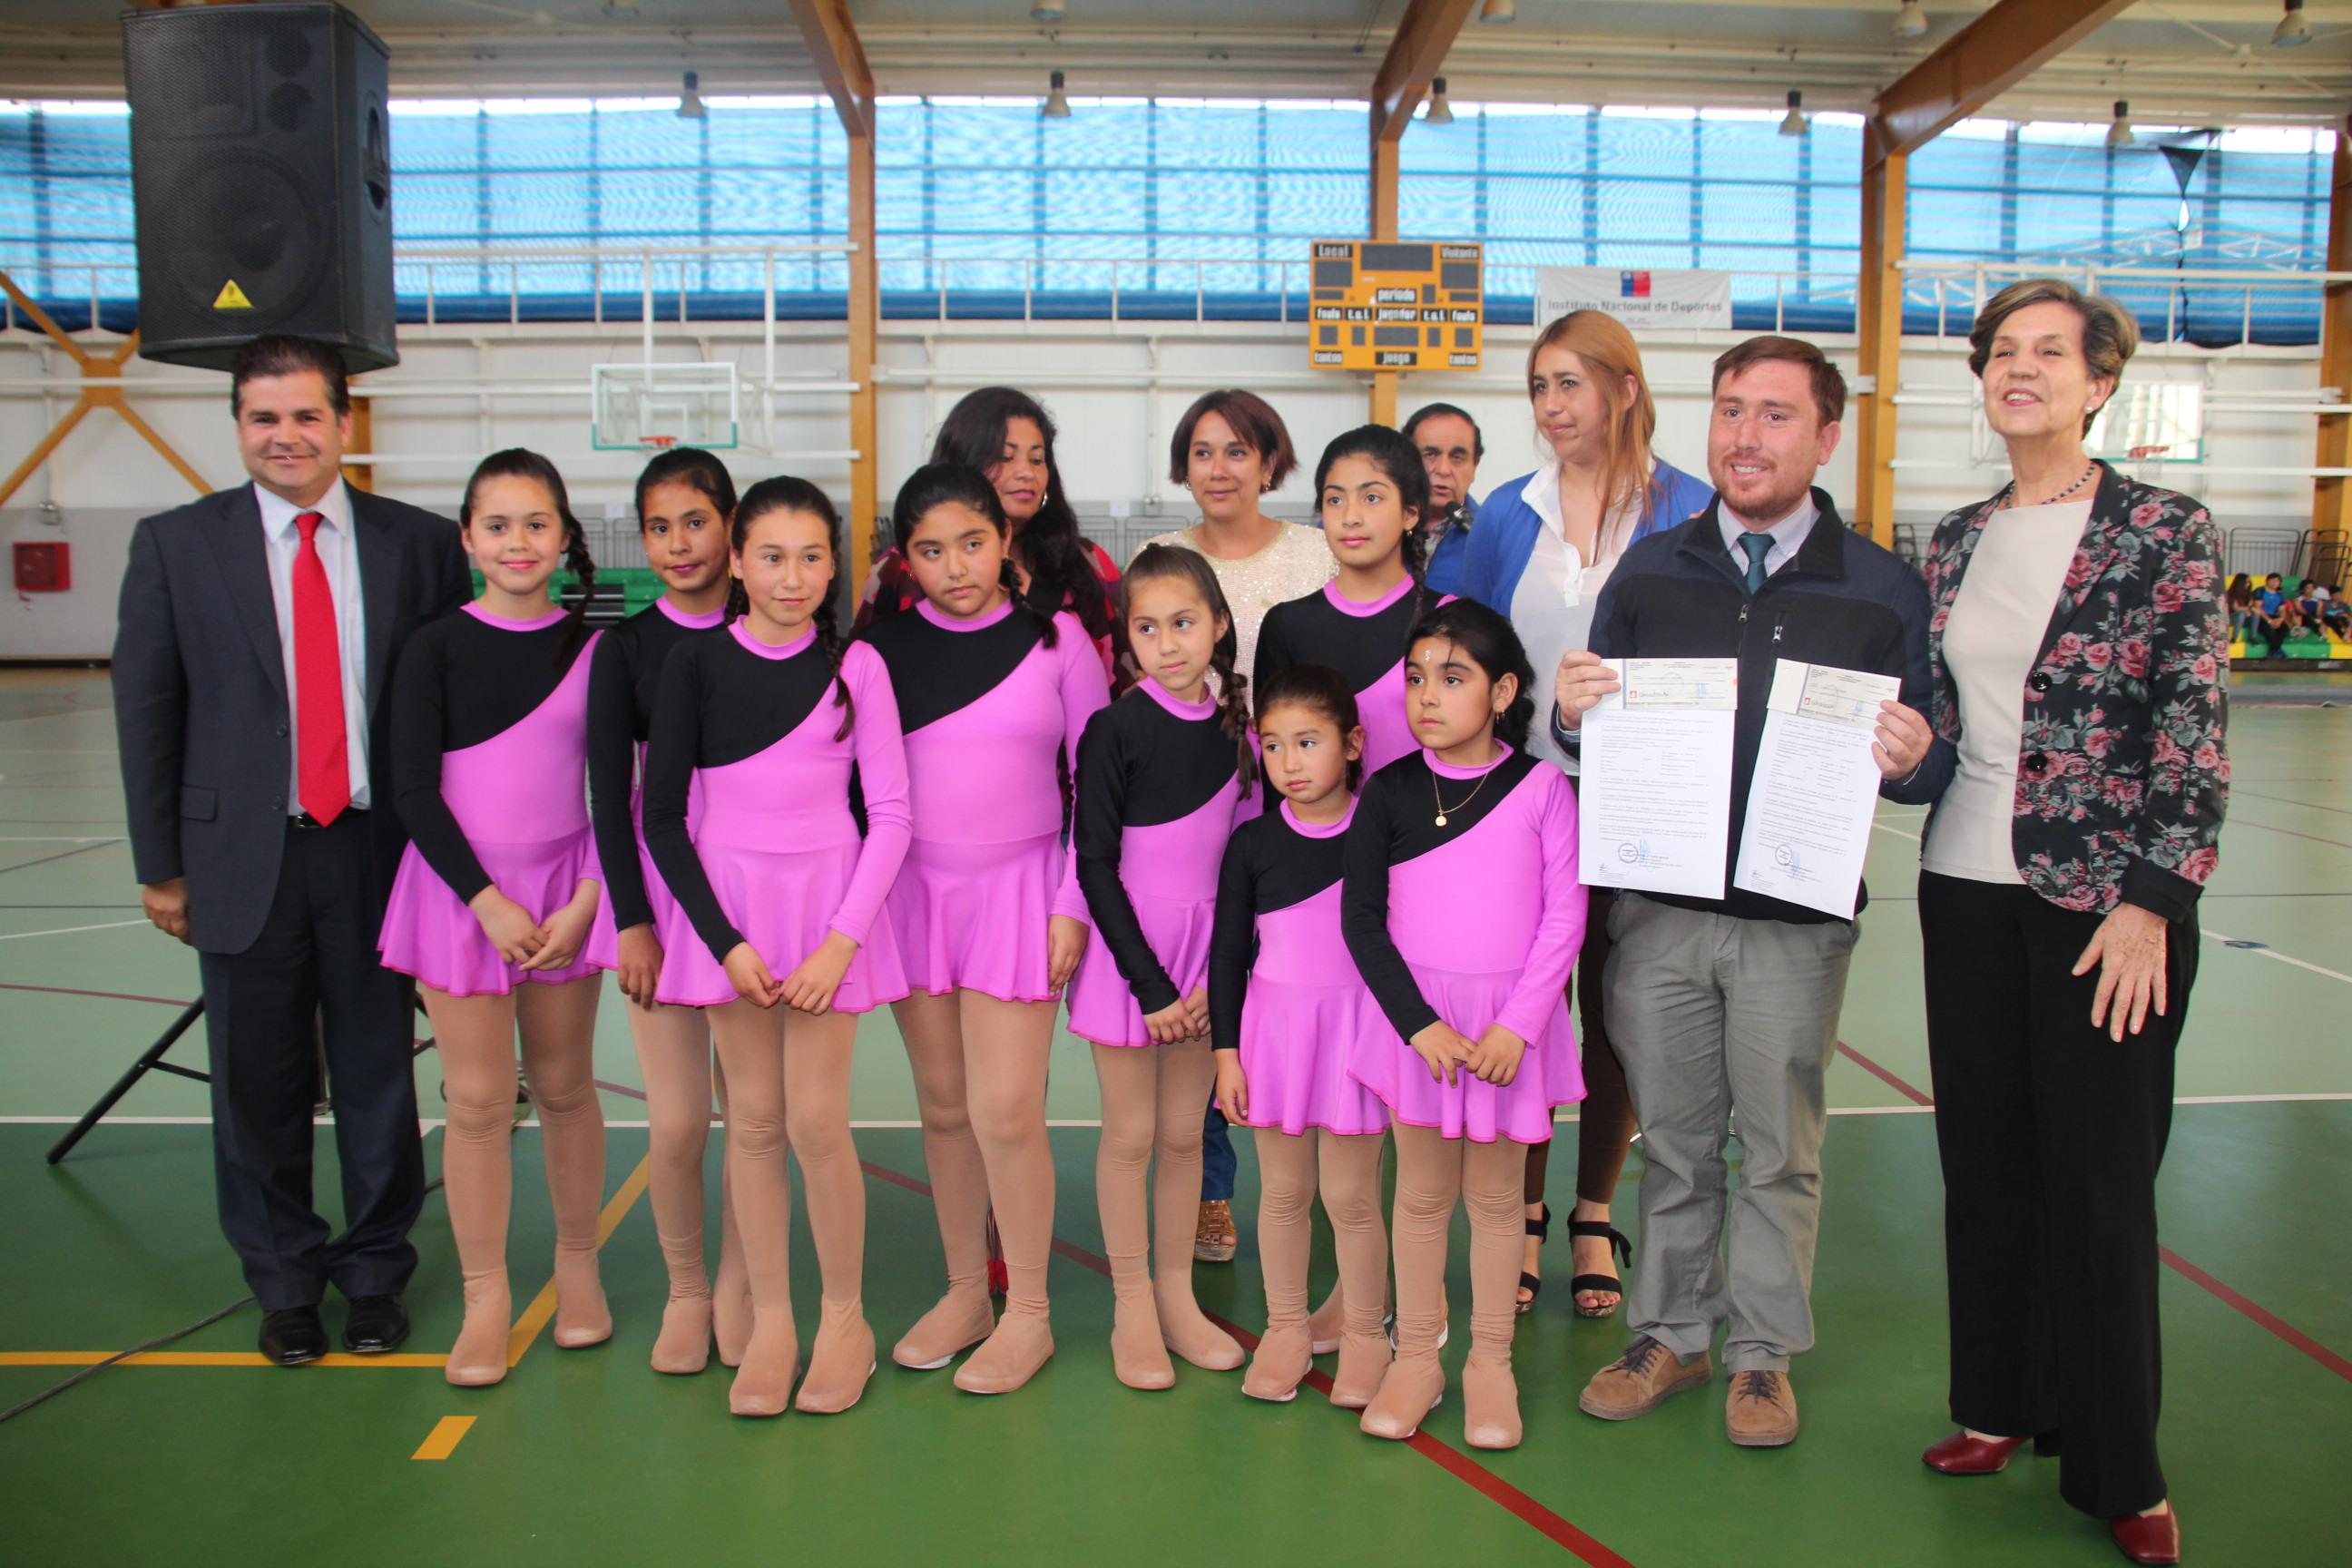 Municipio de Freirina recibirá financiamiento deportivo para ejecutar iniciativas formativas y recreativas